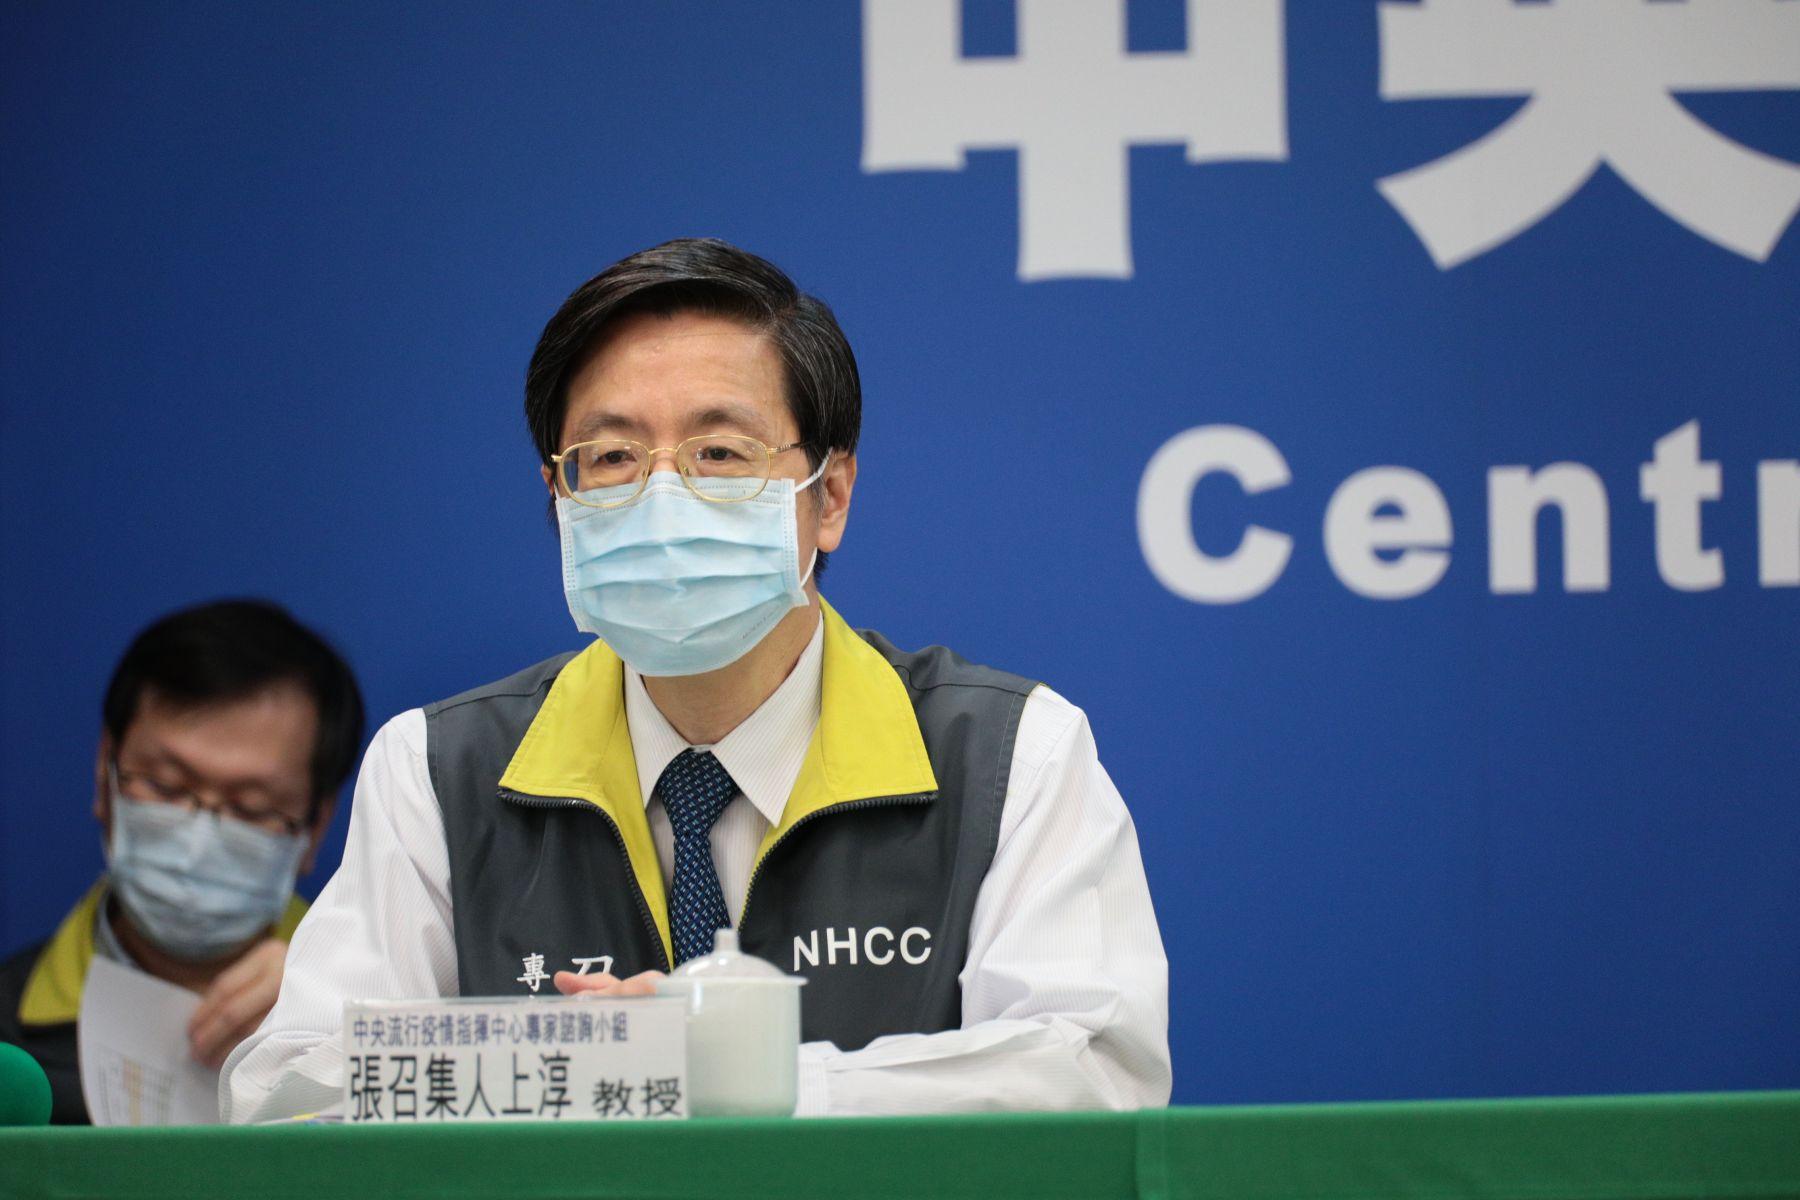 「無症狀」感染者採取什麼治療方式? 張上淳:靠自身的免疫力清除病毒!